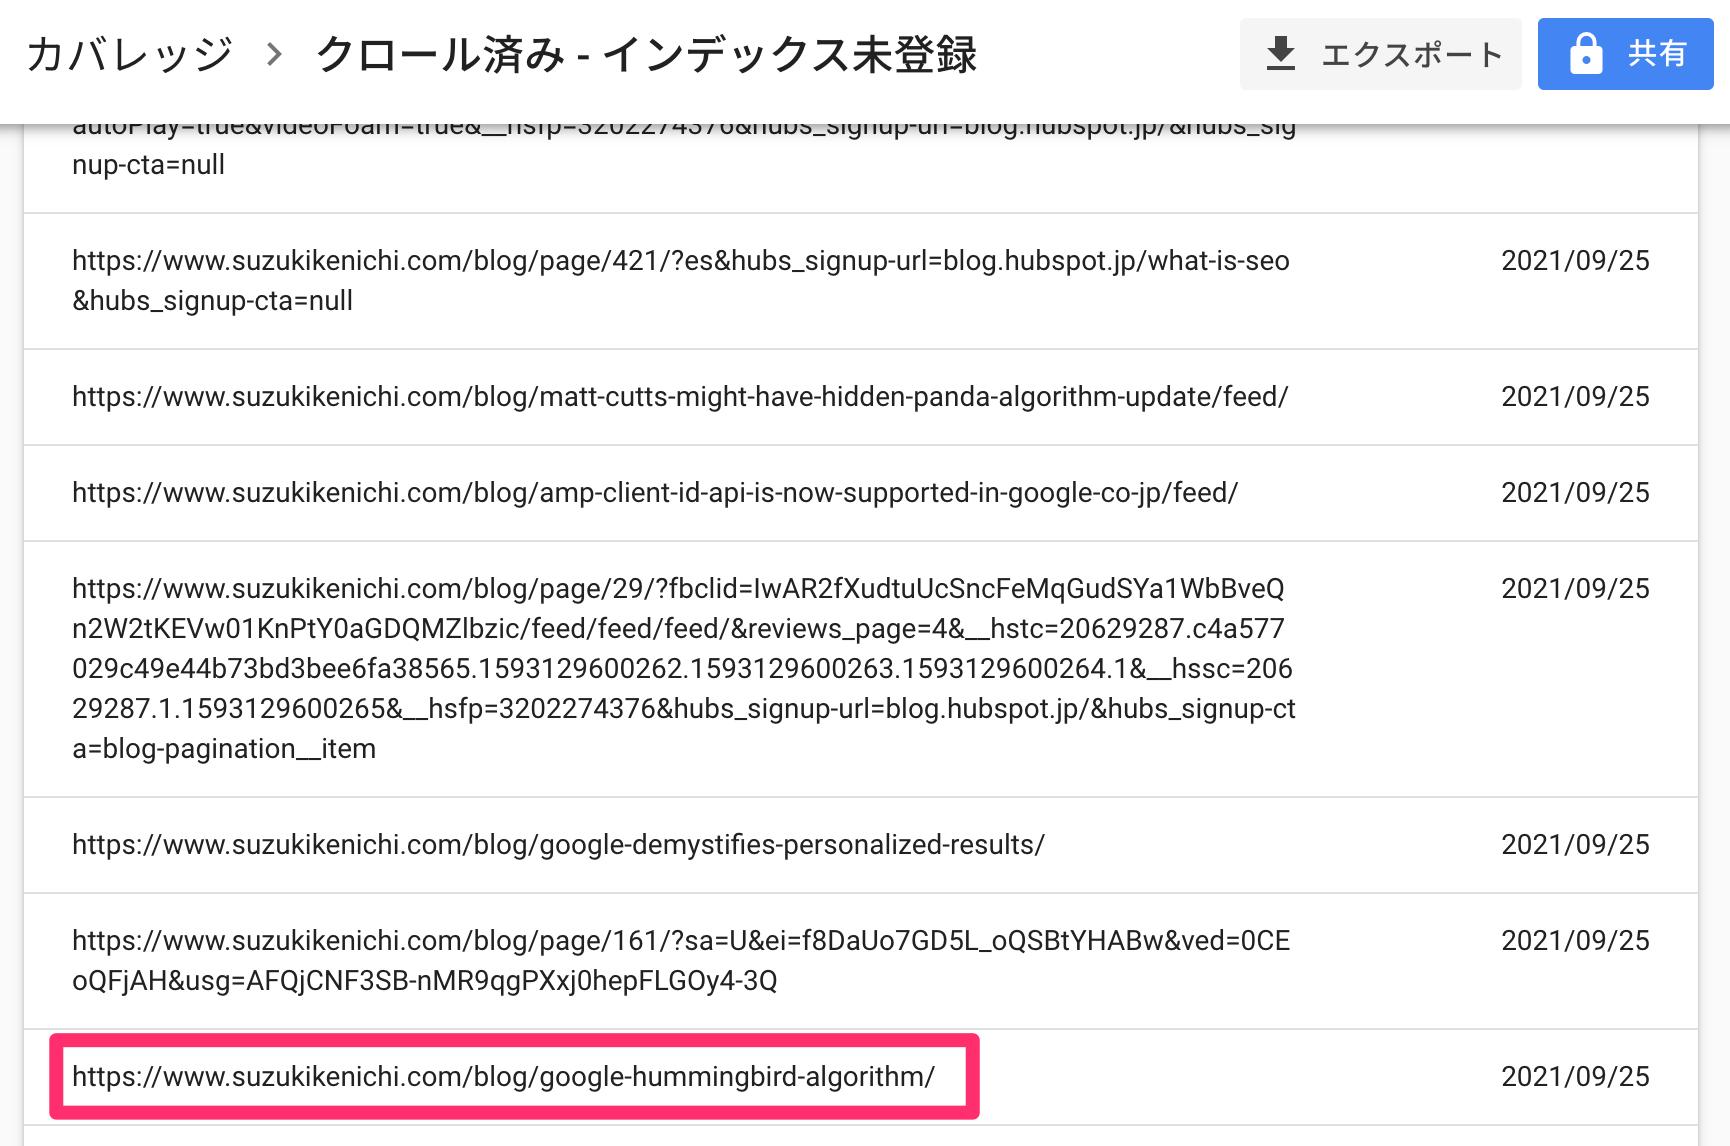 クロール済み - インデックス未登録